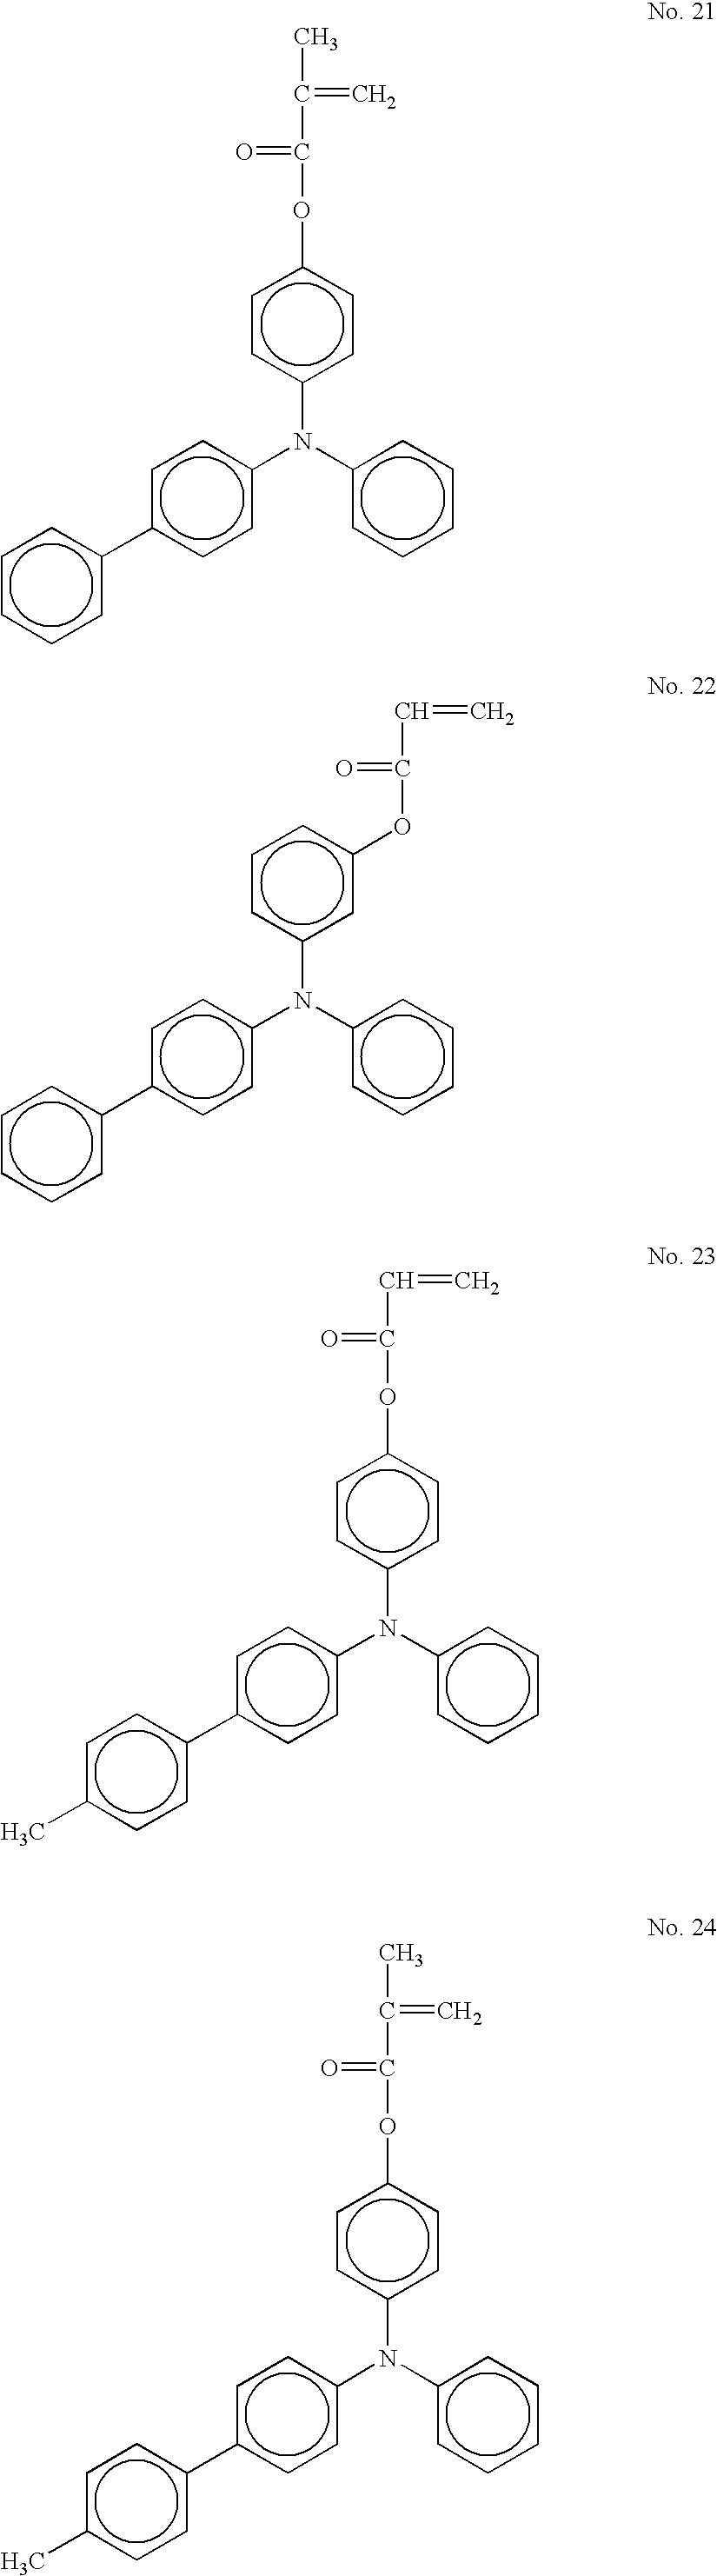 Figure US20050158641A1-20050721-C00022